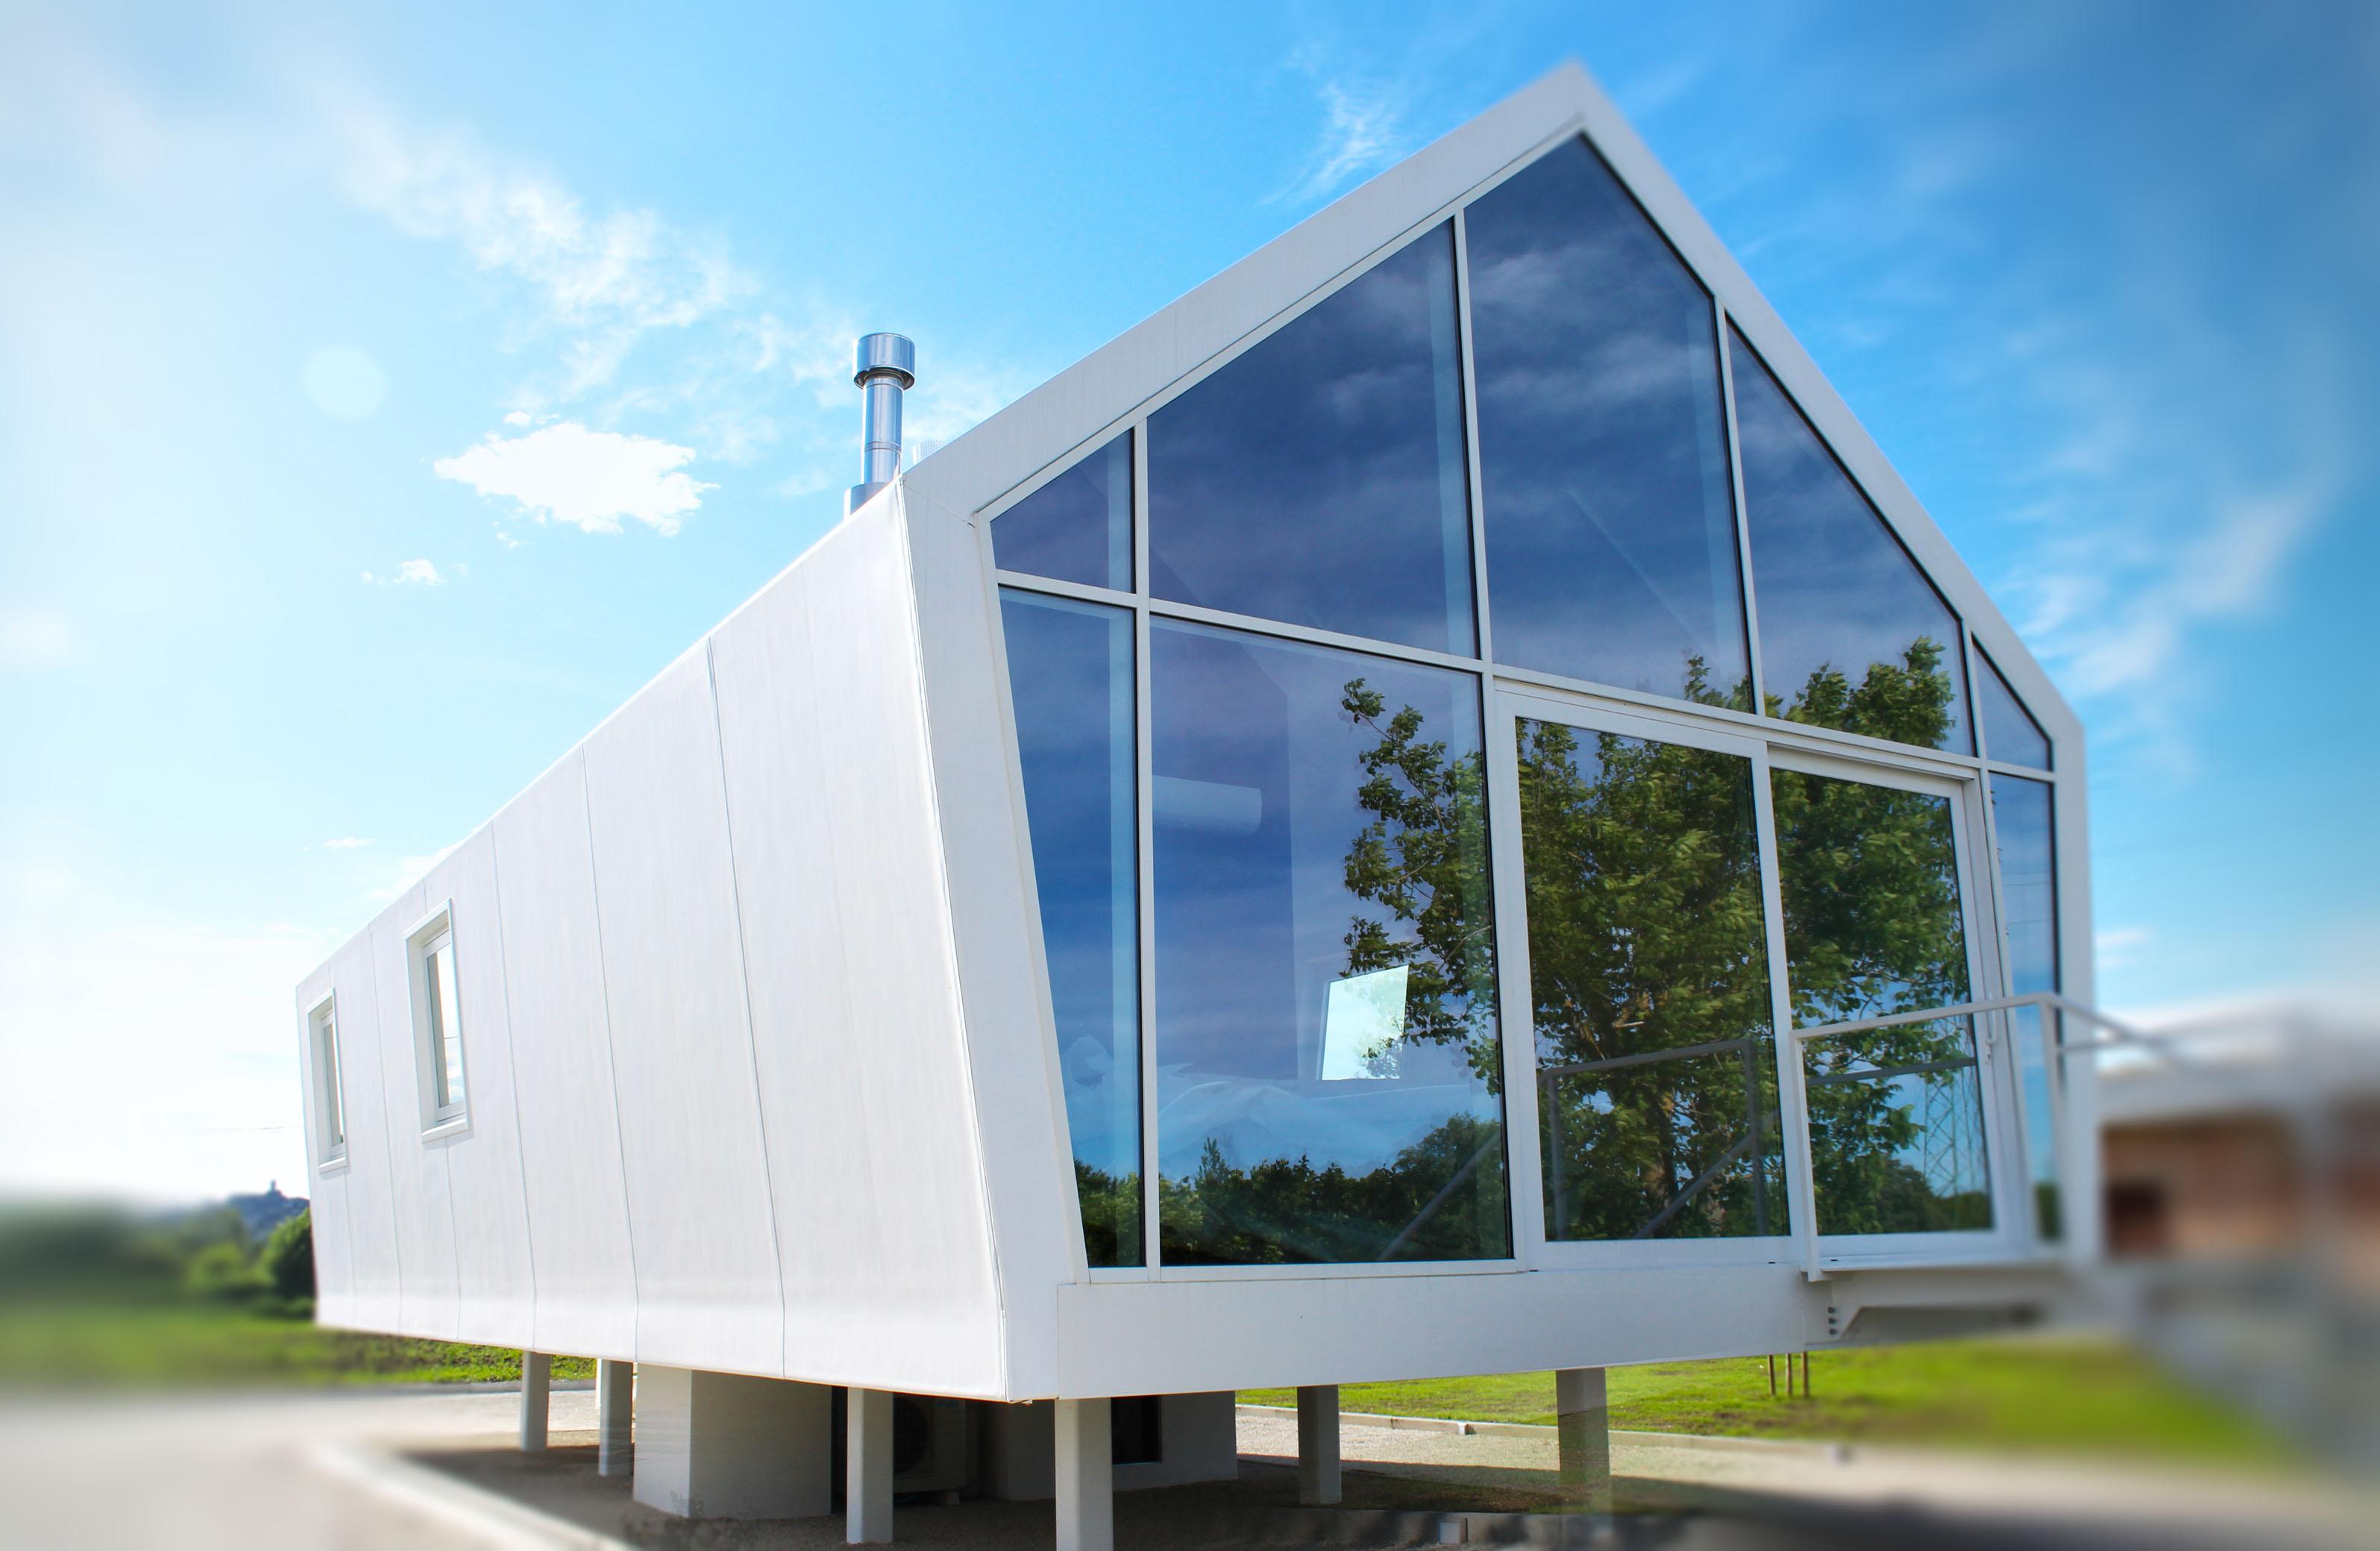 Casa nell'Orto, un nuovo progetto di edilizia sostenibile